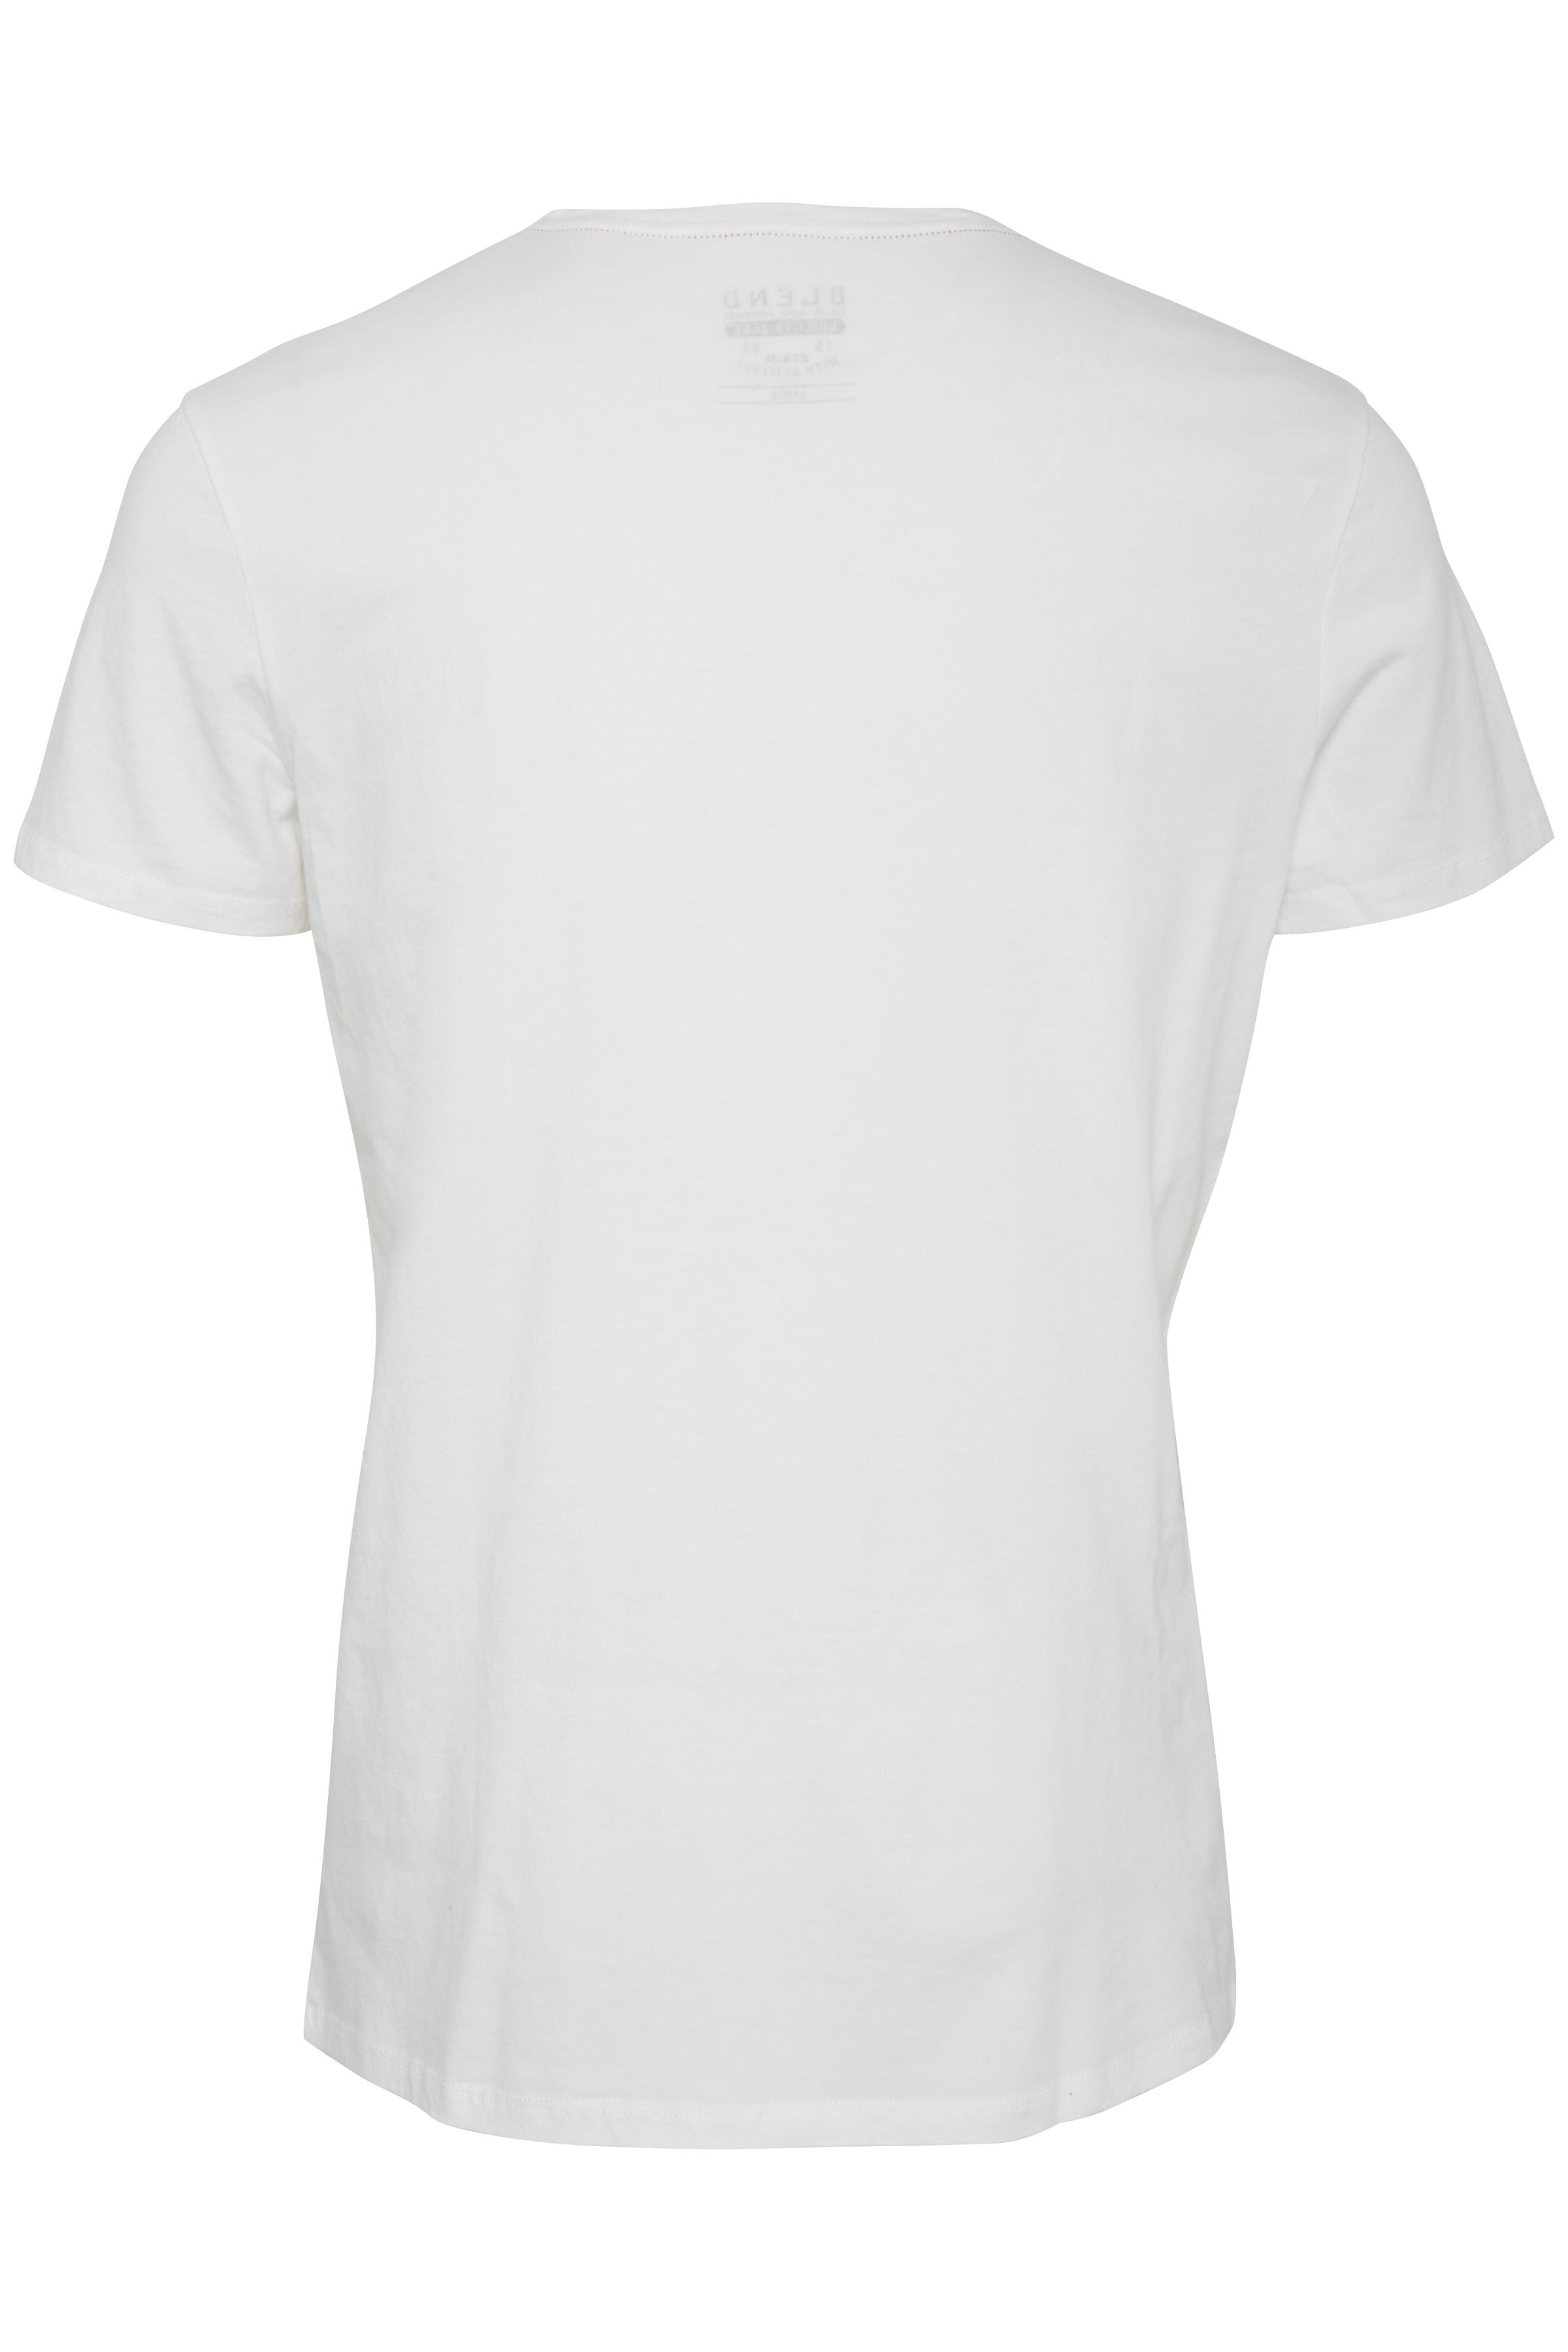 Cream White T-shirt fra Blend He – Køb Cream White T-shirt fra str. S-XXL her